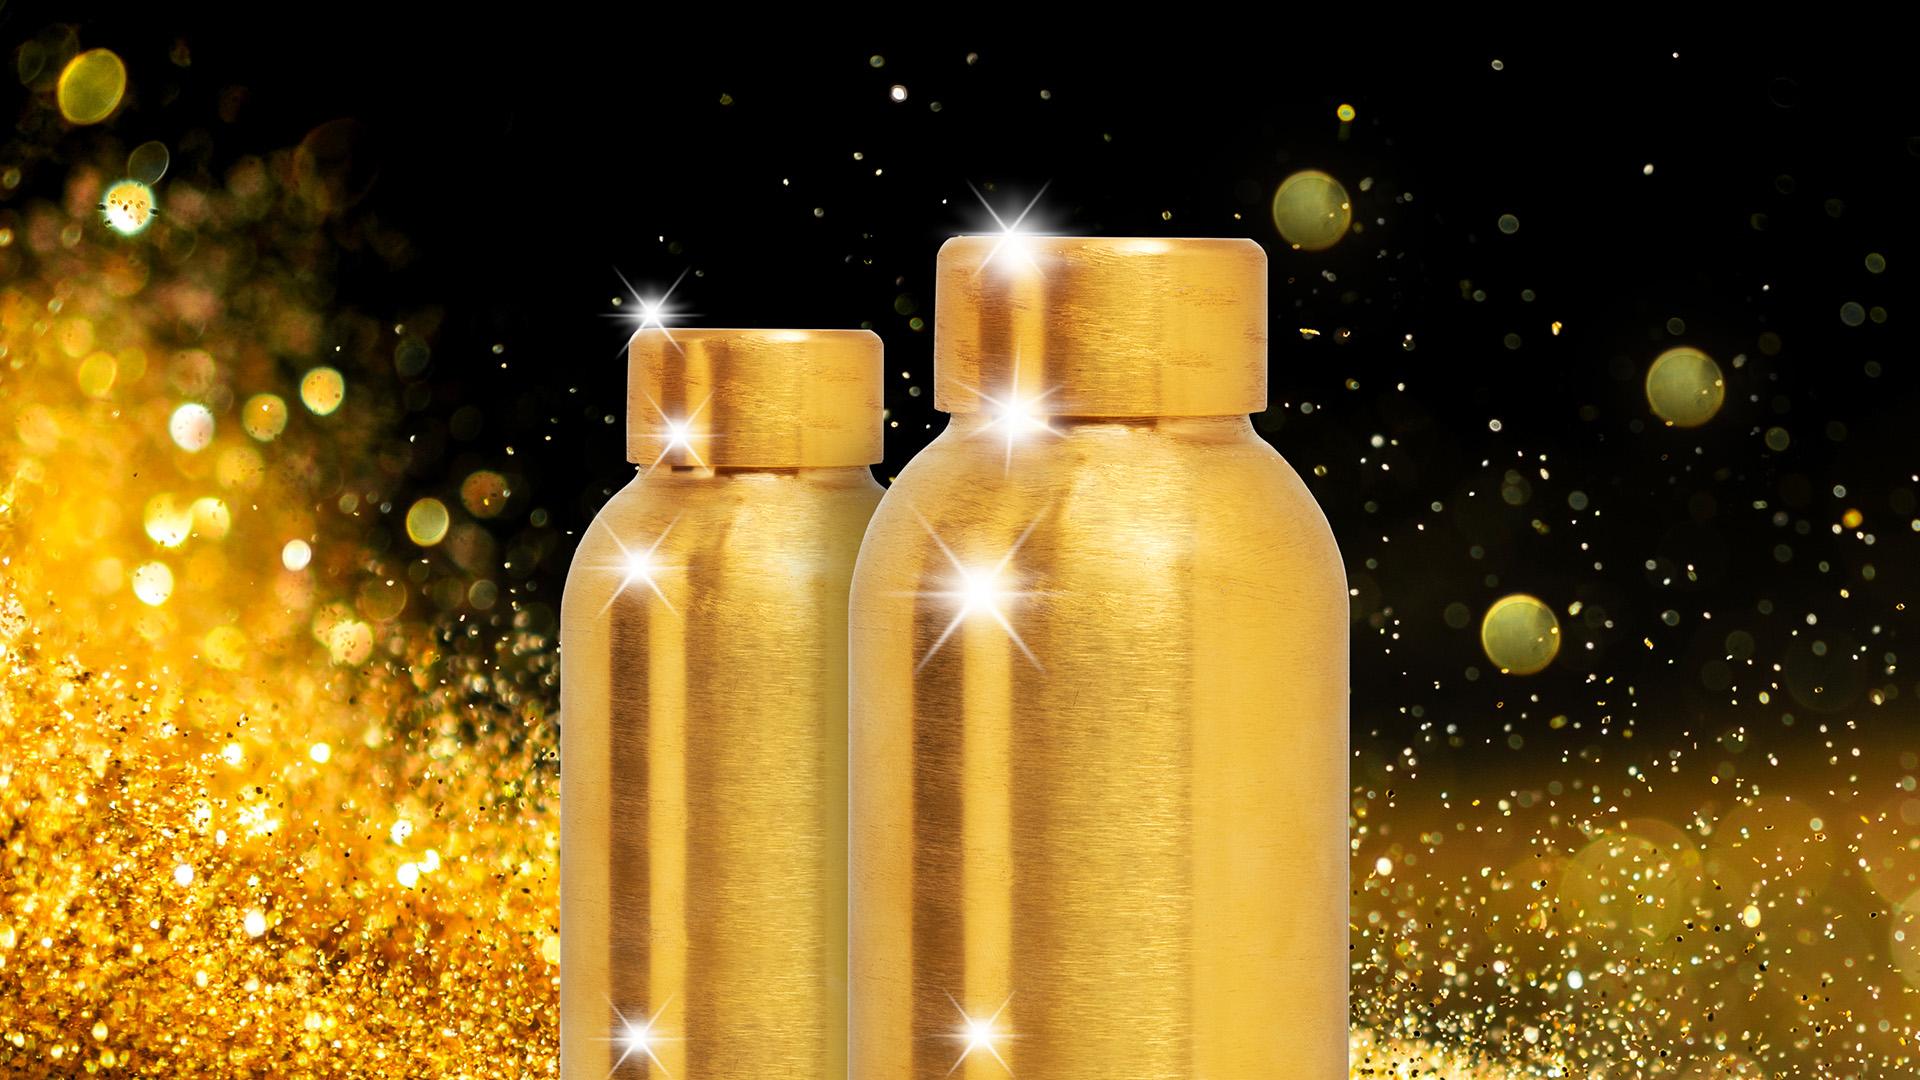 Bottiglie Gold su sfondo glitterato